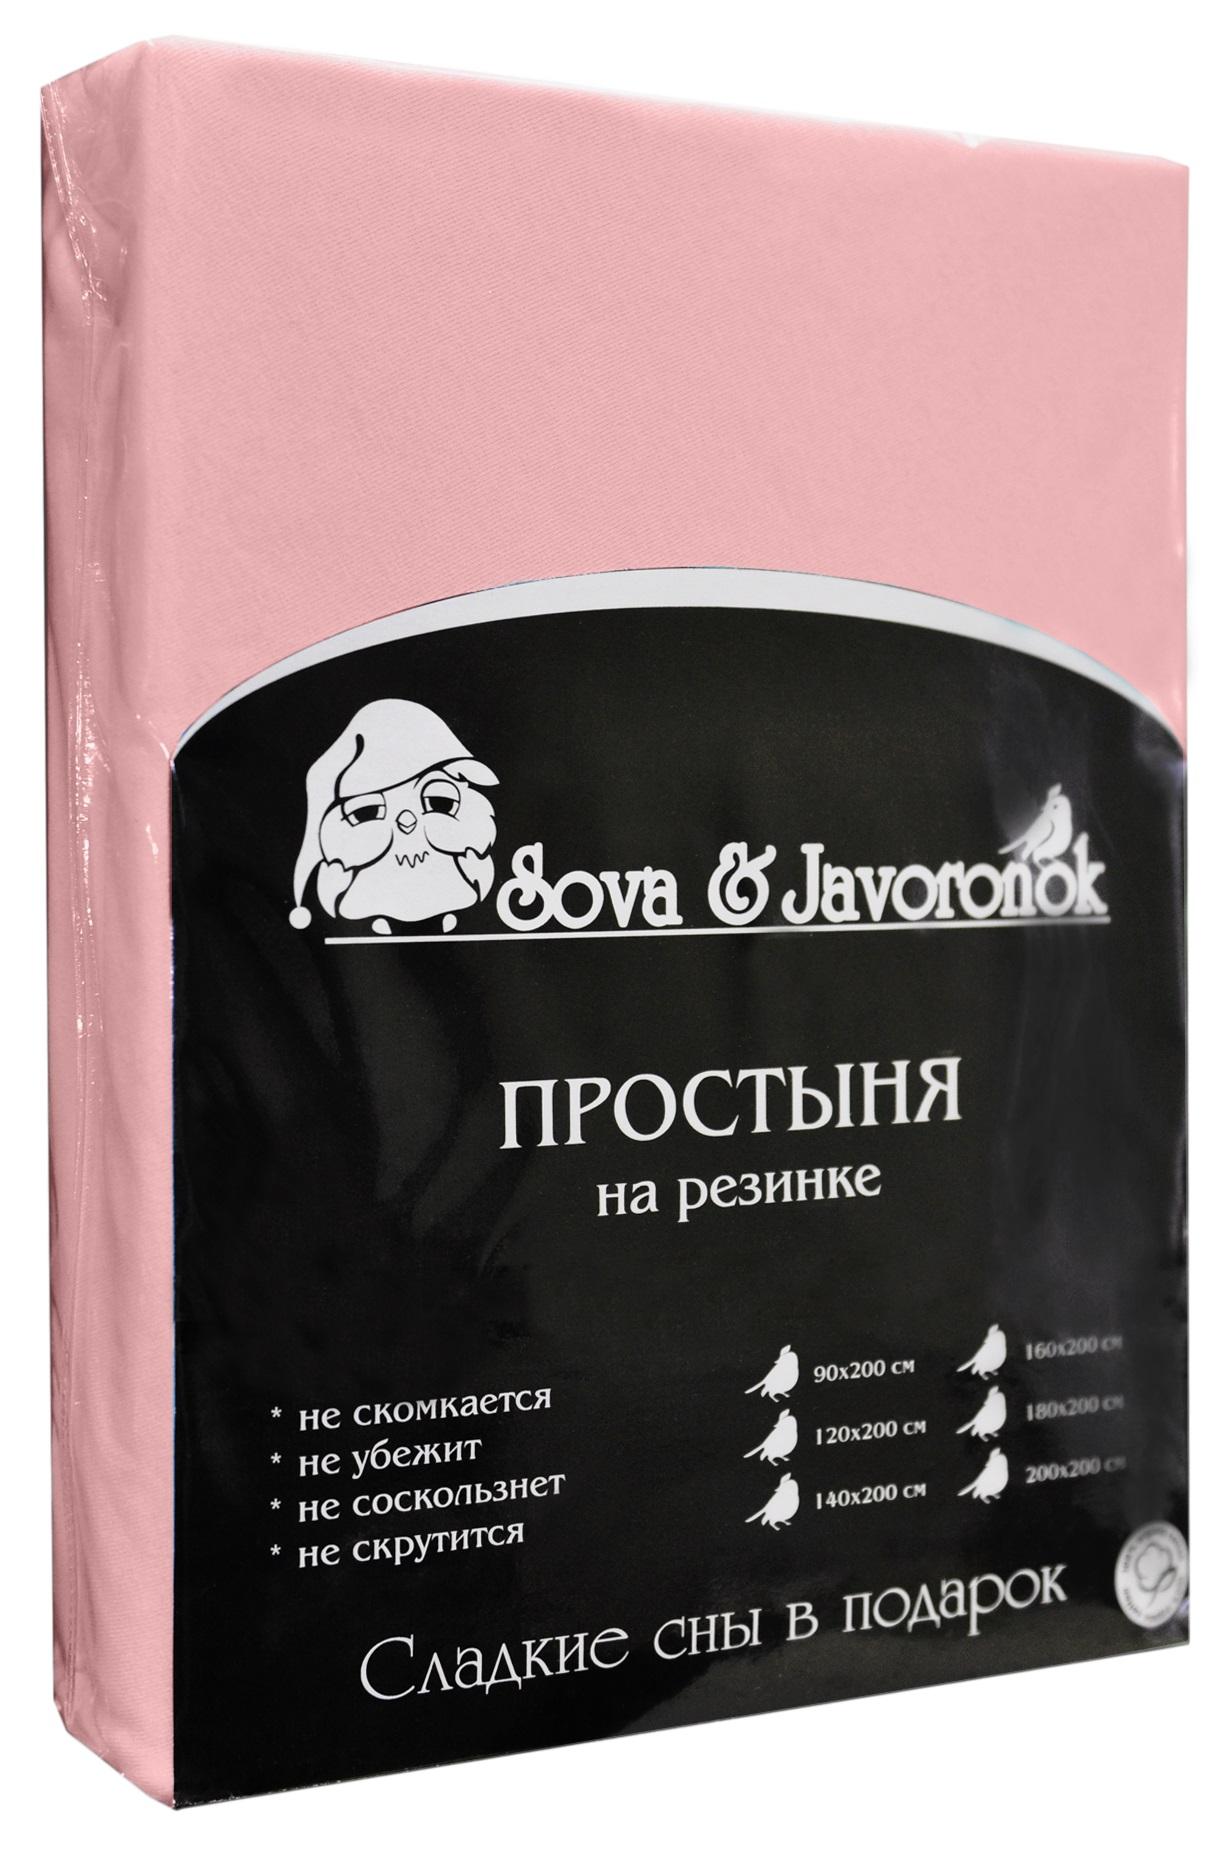 Простыня на резинке Sova & Javoronok, цвет: светло-розовый, 180 х 200 см531-105Простыня на резинке Sova & Javoronok, изготовленная из трикотажной ткани (100% хлопок), будет превосходно смотреться с любыми комплектами белья. Хлопчатобумажный трикотаж по праву считается одним из самых качественных, прочных и при этом приятных на ощупь. Его гигиеничность позволяет использовать простыню и в детских комнатах, к тому же 100%-ый хлопок в составе ткани не вызовет аллергии. У трикотажного полотна очень интересная структура, немного рыхлая за счет отсутствия плотного переплетения нитей и наличия особых петель, благодаря этому простыня Сова и Жаворонок отлично пропускает воздух и способствует его постоянной циркуляции. Поэтому ваша постель будет всегда оставаться свежей. Но главное и, пожалуй, самое известное свойство трикотажа - это его великолепная растяжимость, поэтому эта ткань и была выбрана для натяжной простыни на резинке.Простыня прошита резинкой по всему периметру, что обеспечивает более комфортный отдых, так как она прочно удерживается на матрасе и избавляет от необходимости часто поправлять простыню.